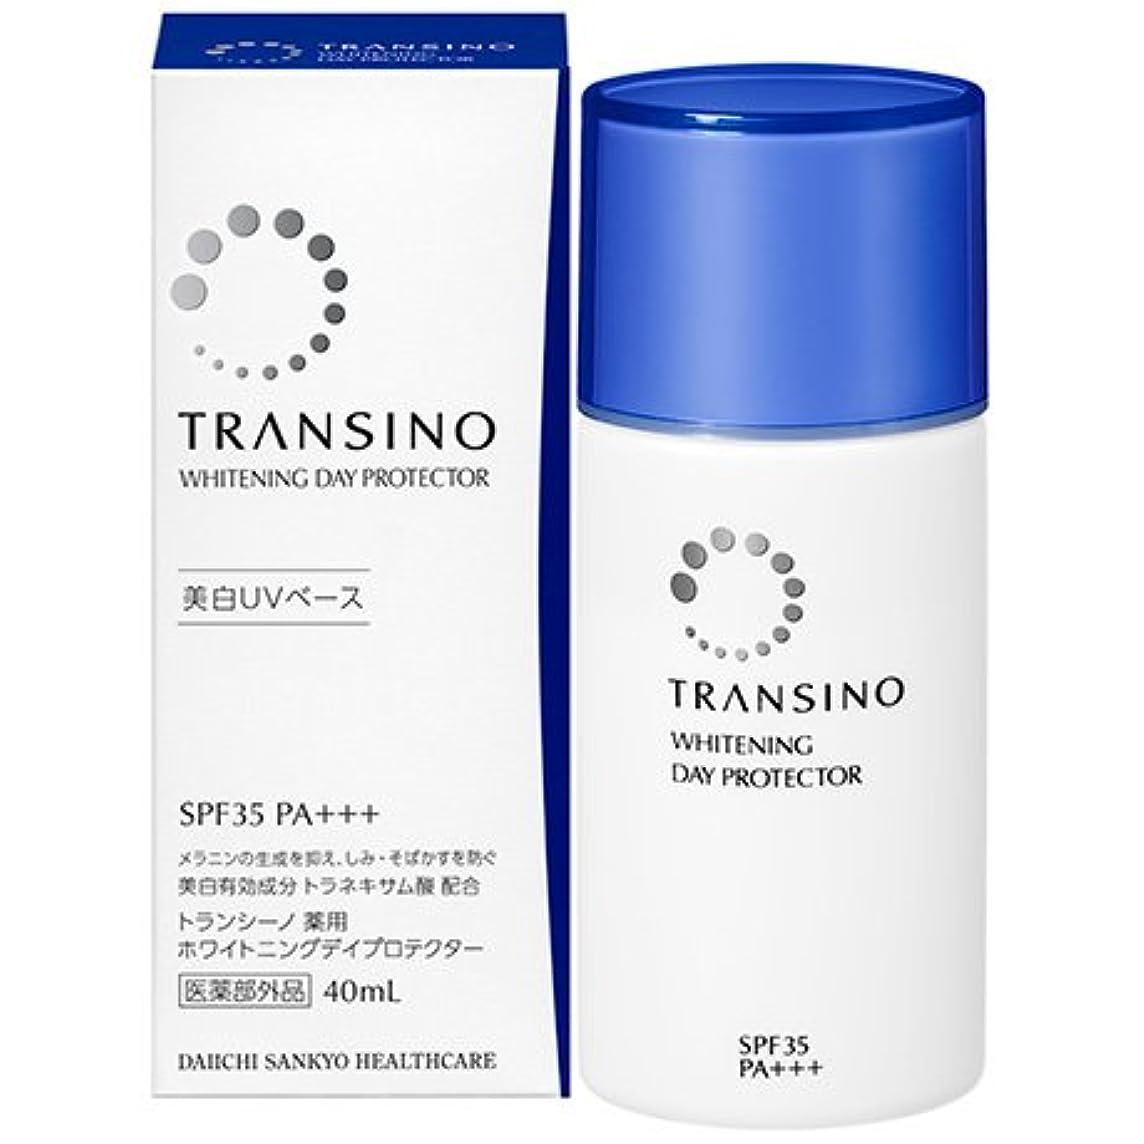 鉛筆代替案比較的トランシーノ 薬用ホワイトニングデイプロテクター 40ml SPF35?PA+++ [並行輸入品]